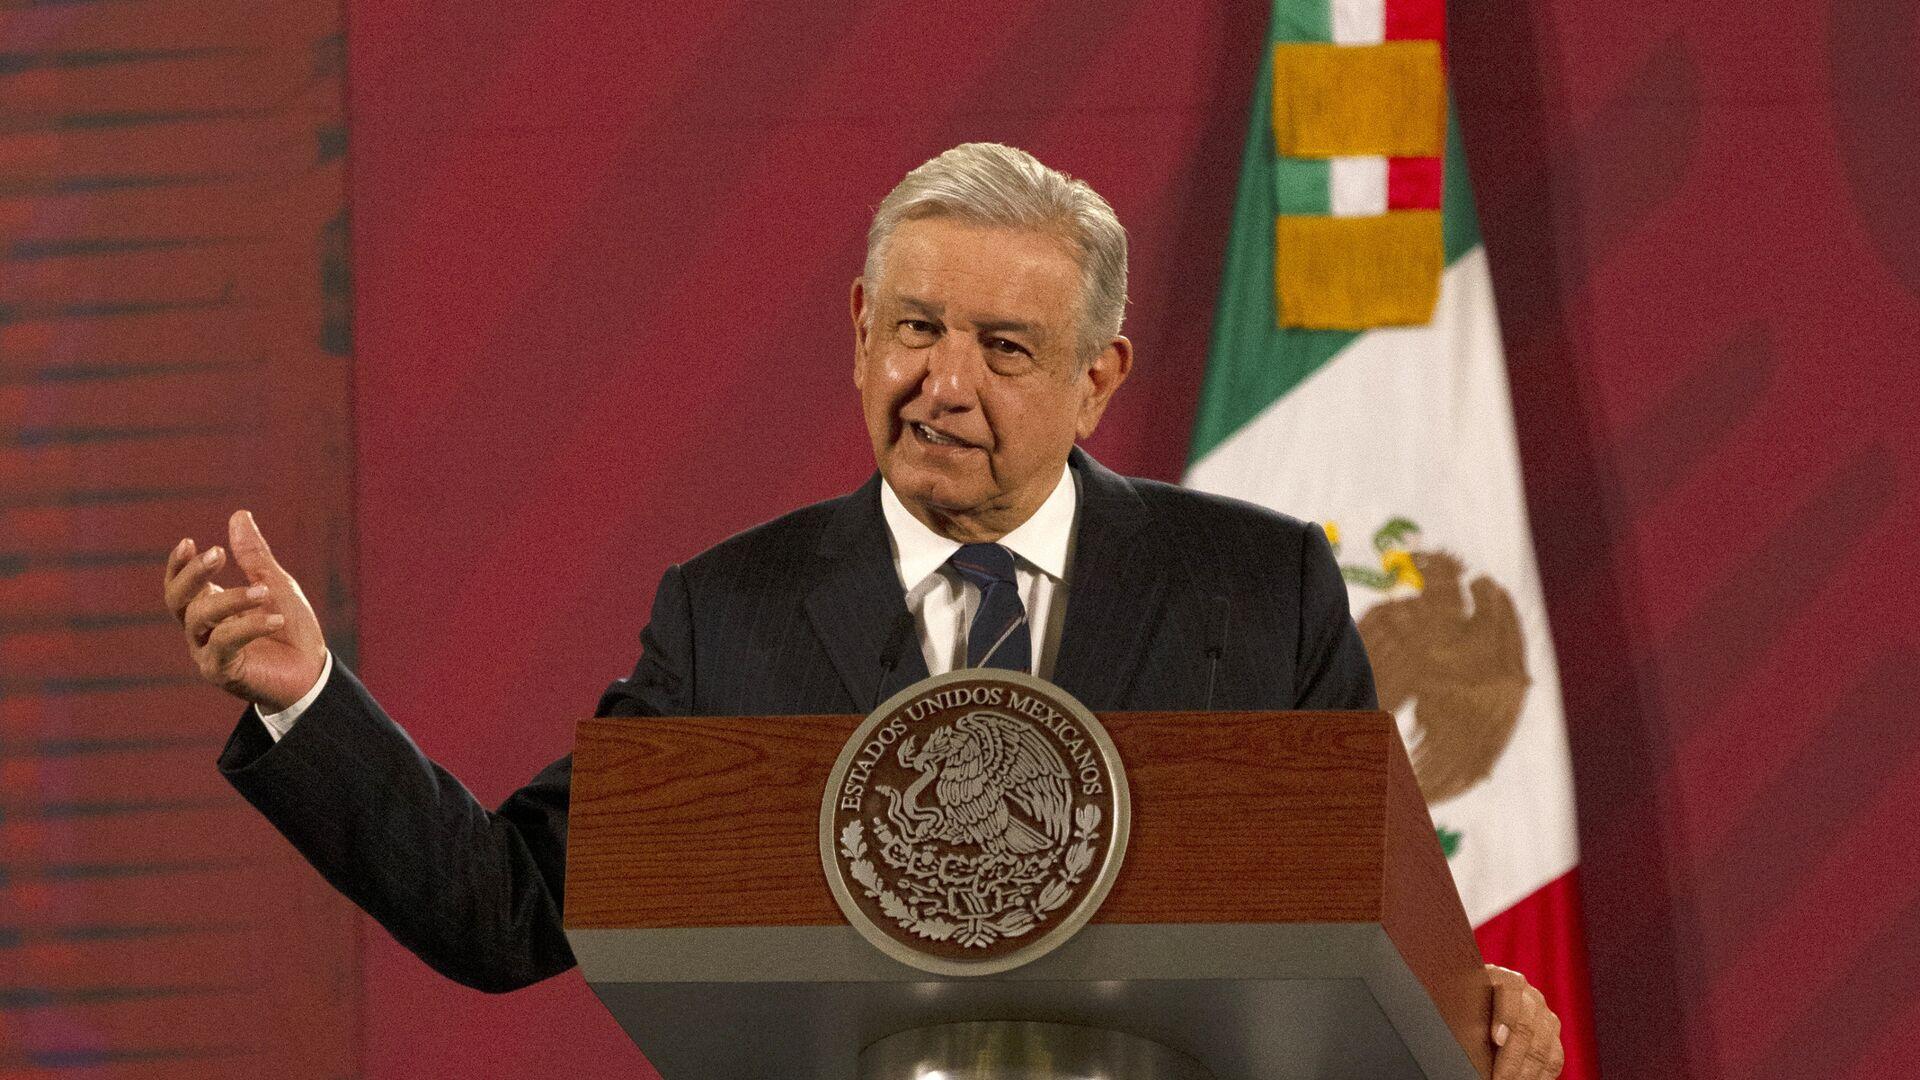 Andrés Manuel López Obrador, presidente de México - Sputnik Mundo, 1920, 04.12.2020